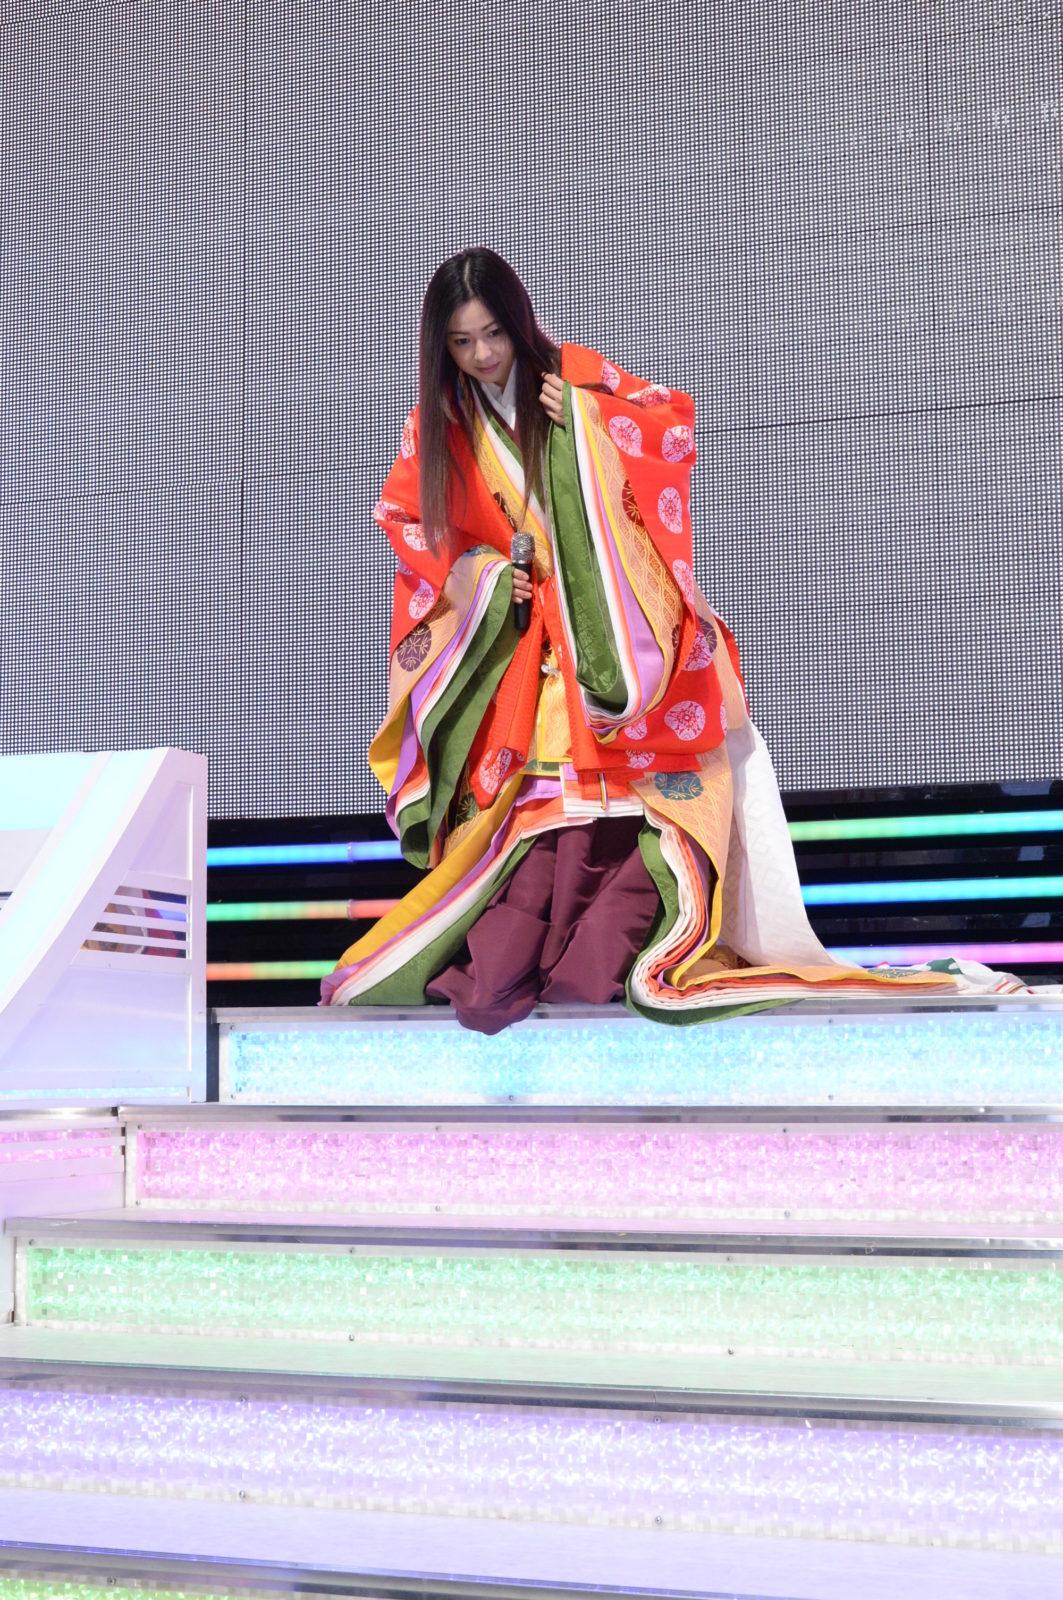 倉木麻衣、約24キロの十二単で『Mステ階段』降りリベンジなるか?「本番どうなるか私にも分かりません…」サムネイル画像